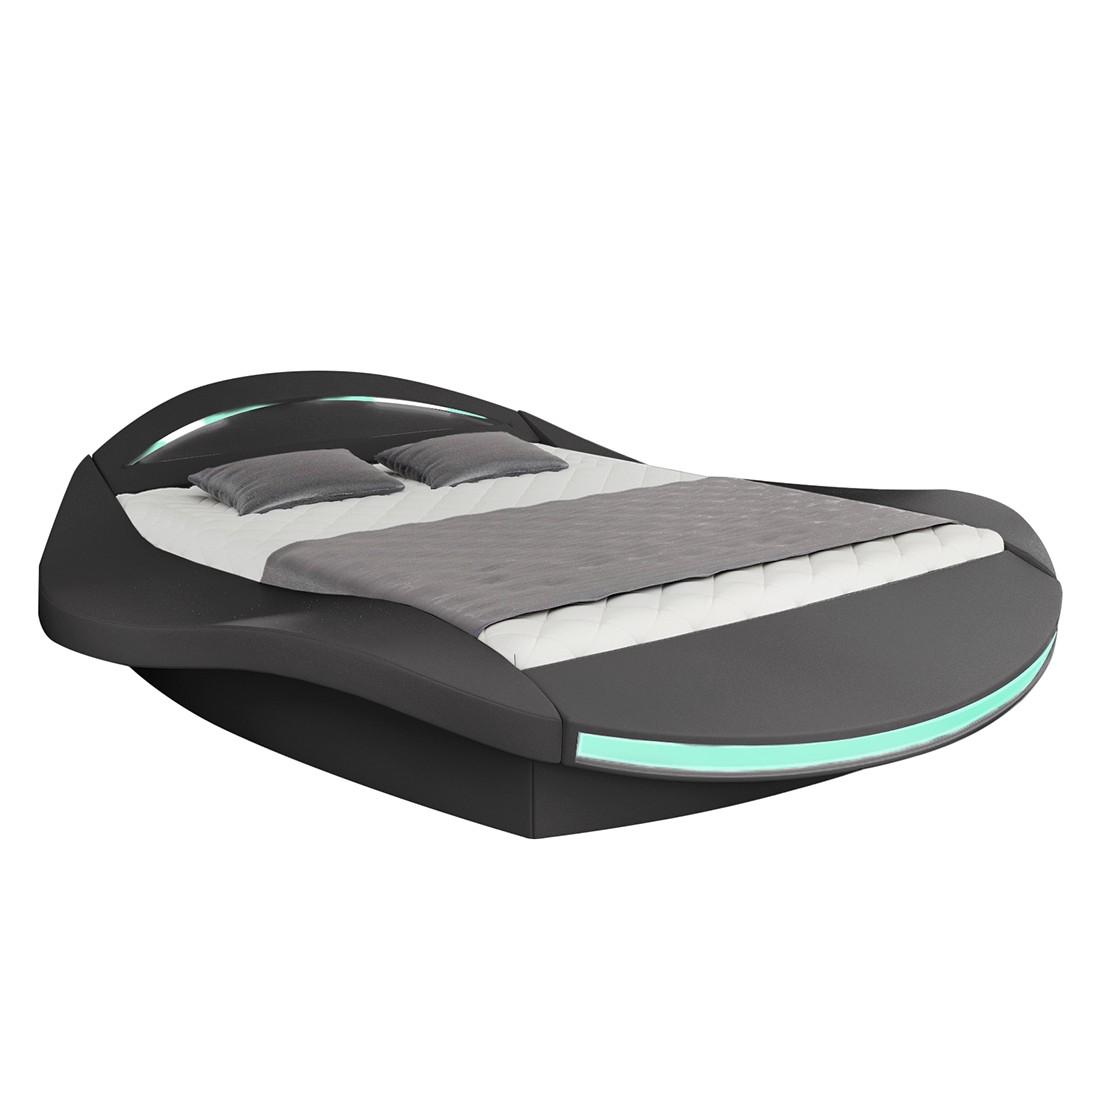 futonbett 180 ohne matratze preisvergleich die besten angebote online kaufen. Black Bedroom Furniture Sets. Home Design Ideas